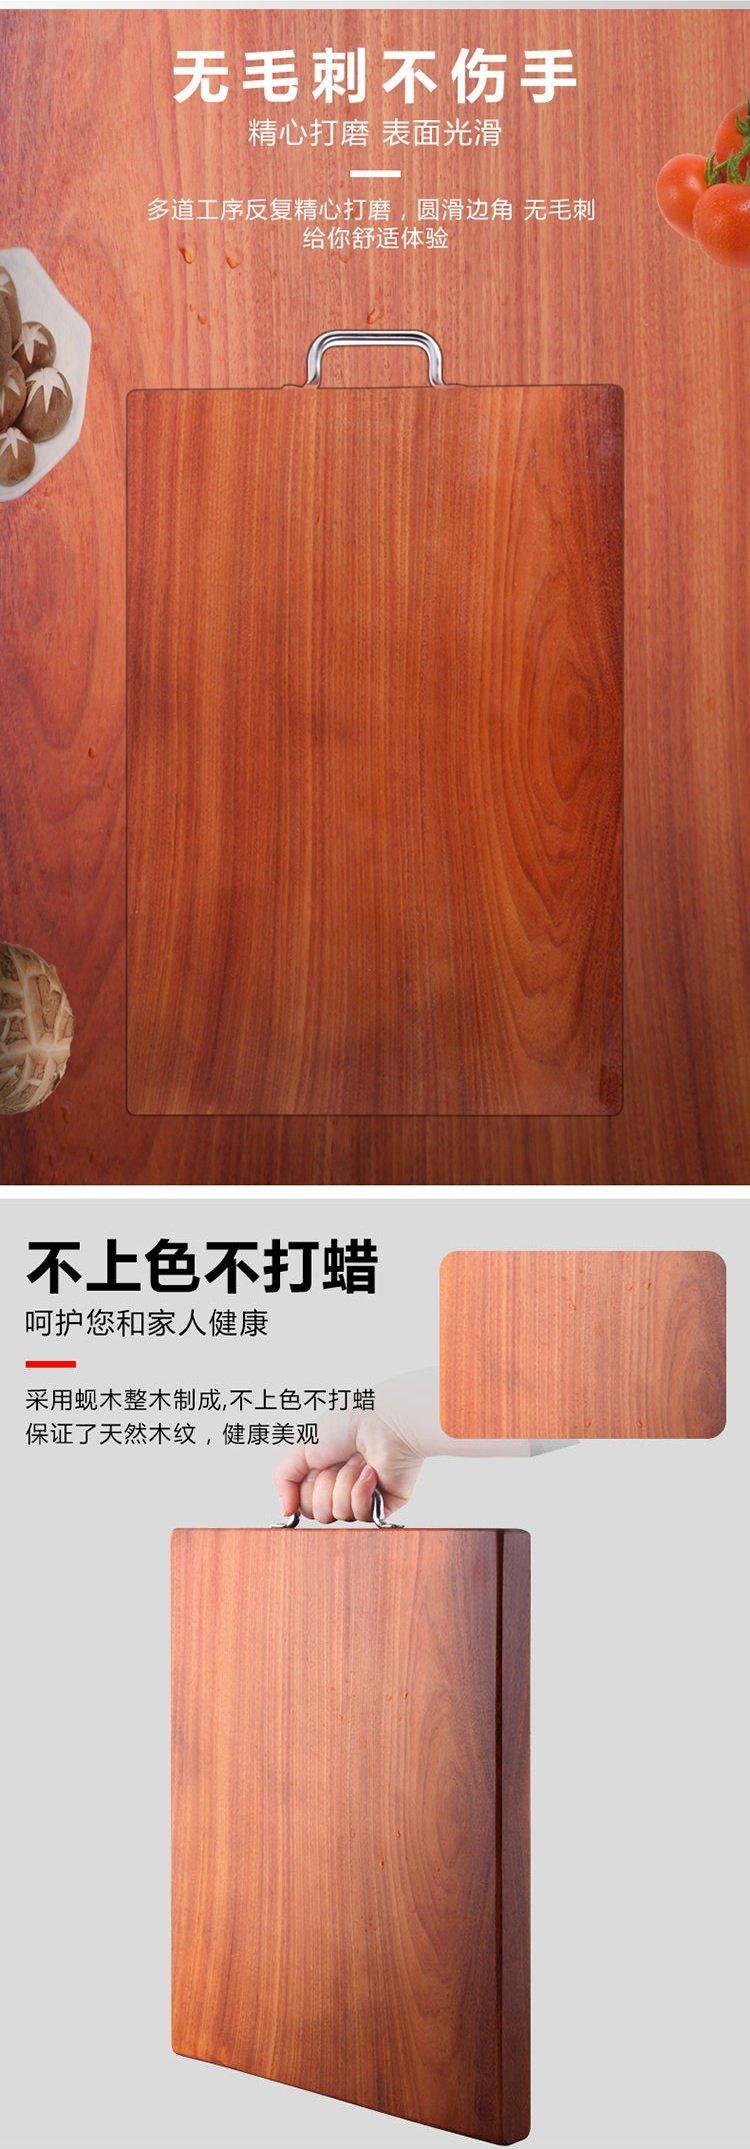 越南进口铁木,整块特厚蚬木,防霉不伤刀:槿致 厨房菜板 券后25.4元包邮 买手党-买手聚集的地方